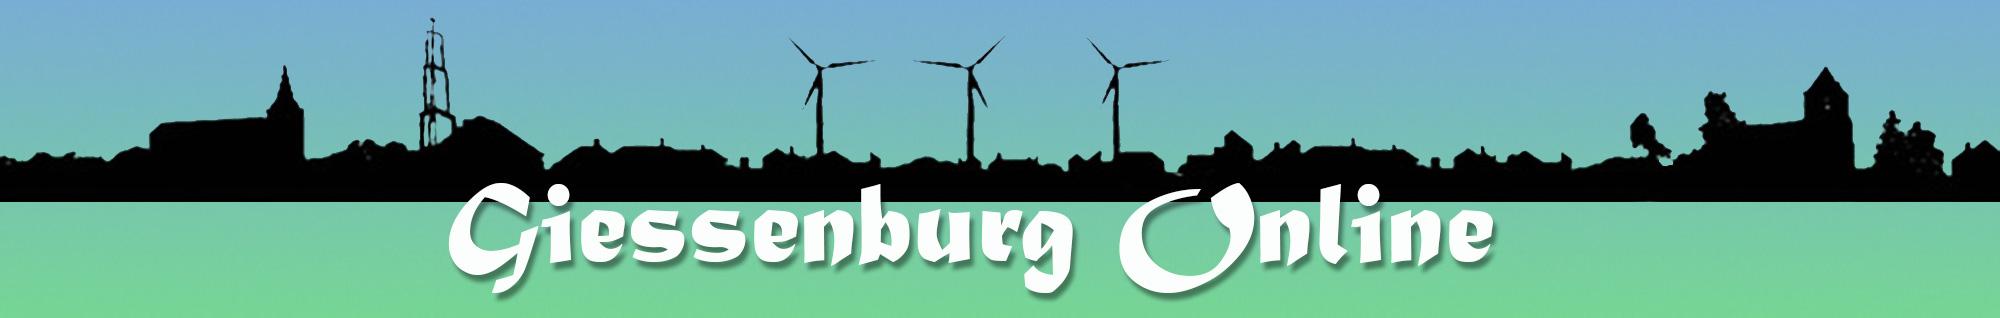 Giessenburg Online